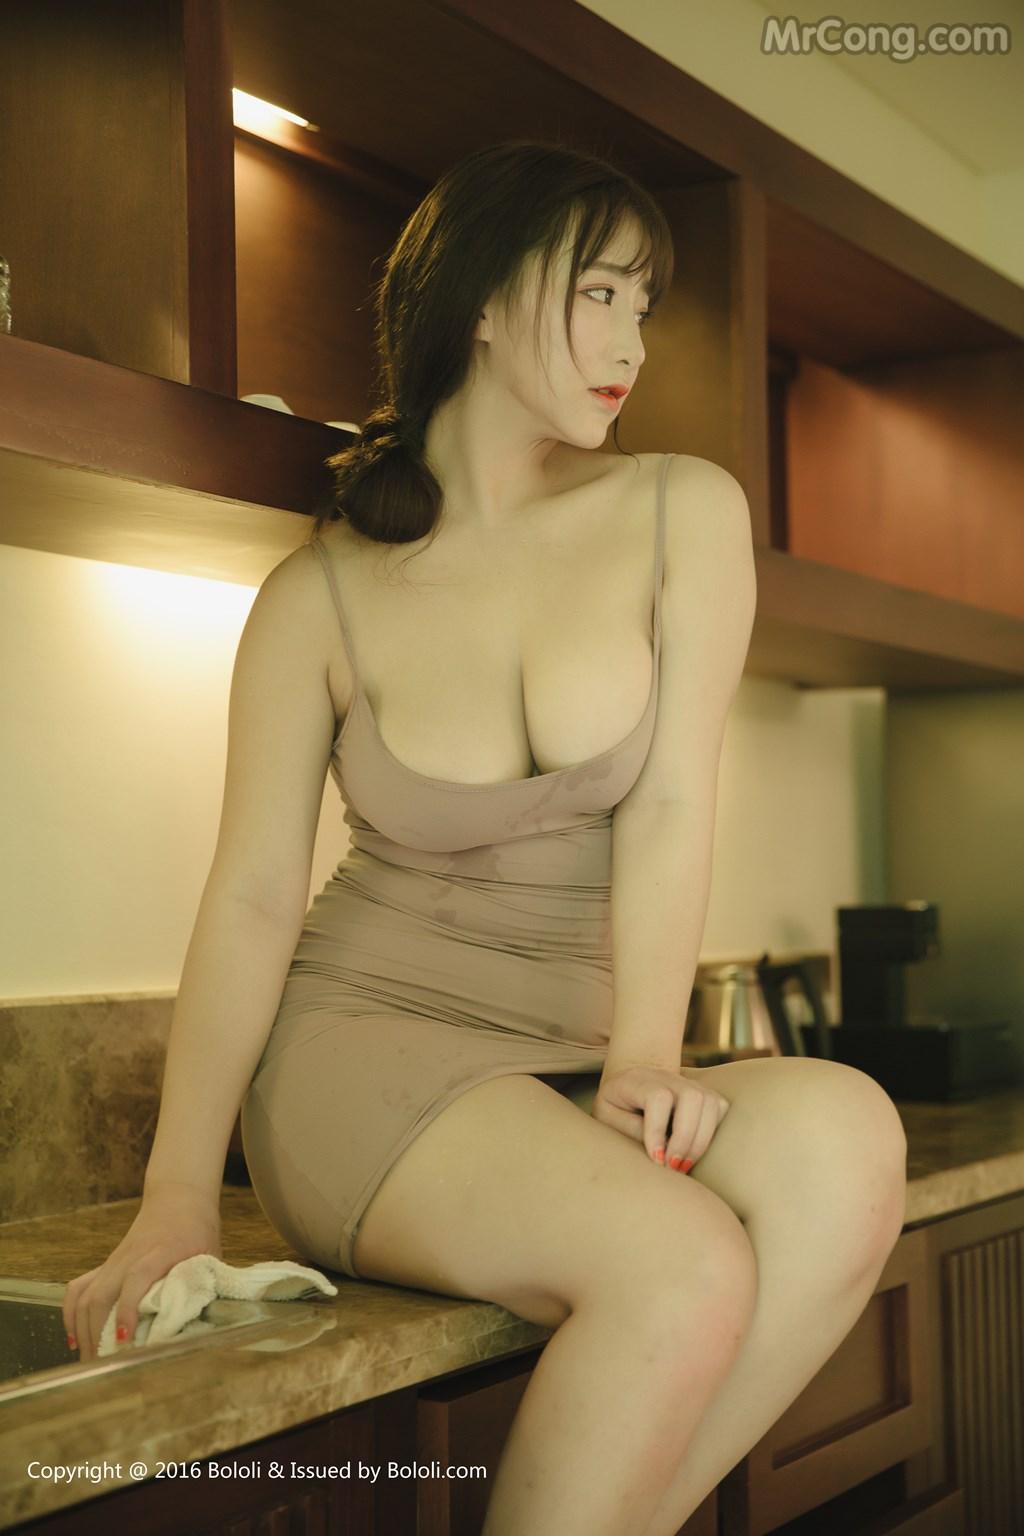 Image BoLoli-2017-02-14-Vol.022-Mang-Guo-MrCong.com-011 in post BoLoli 2017-02-14 Vol.022: Người mẫu Mang Guo (芒果) (40 ảnh)